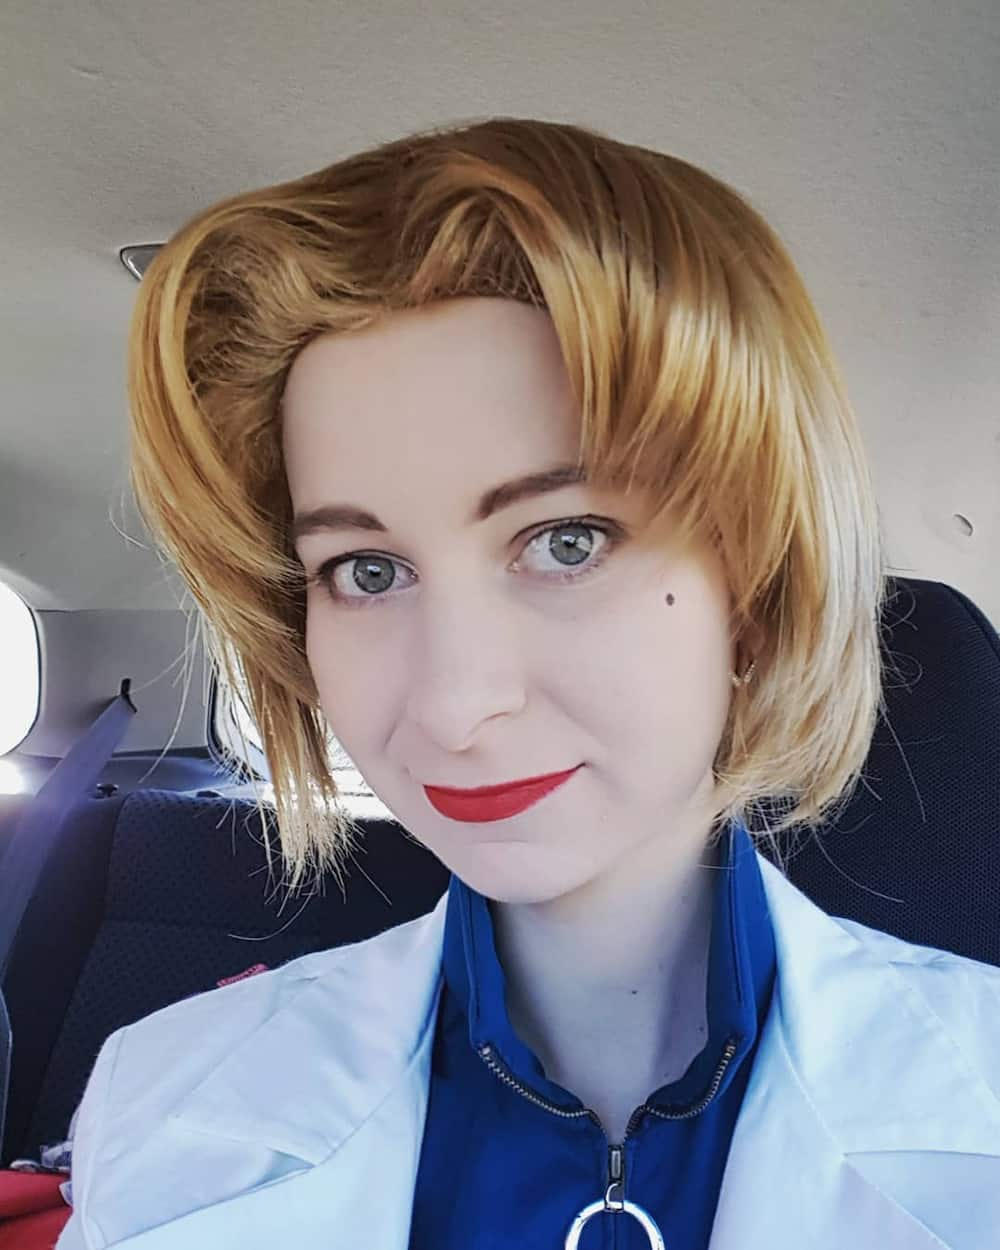 15 cute anime girl hairstyles in 2019 Tuko.co.ke